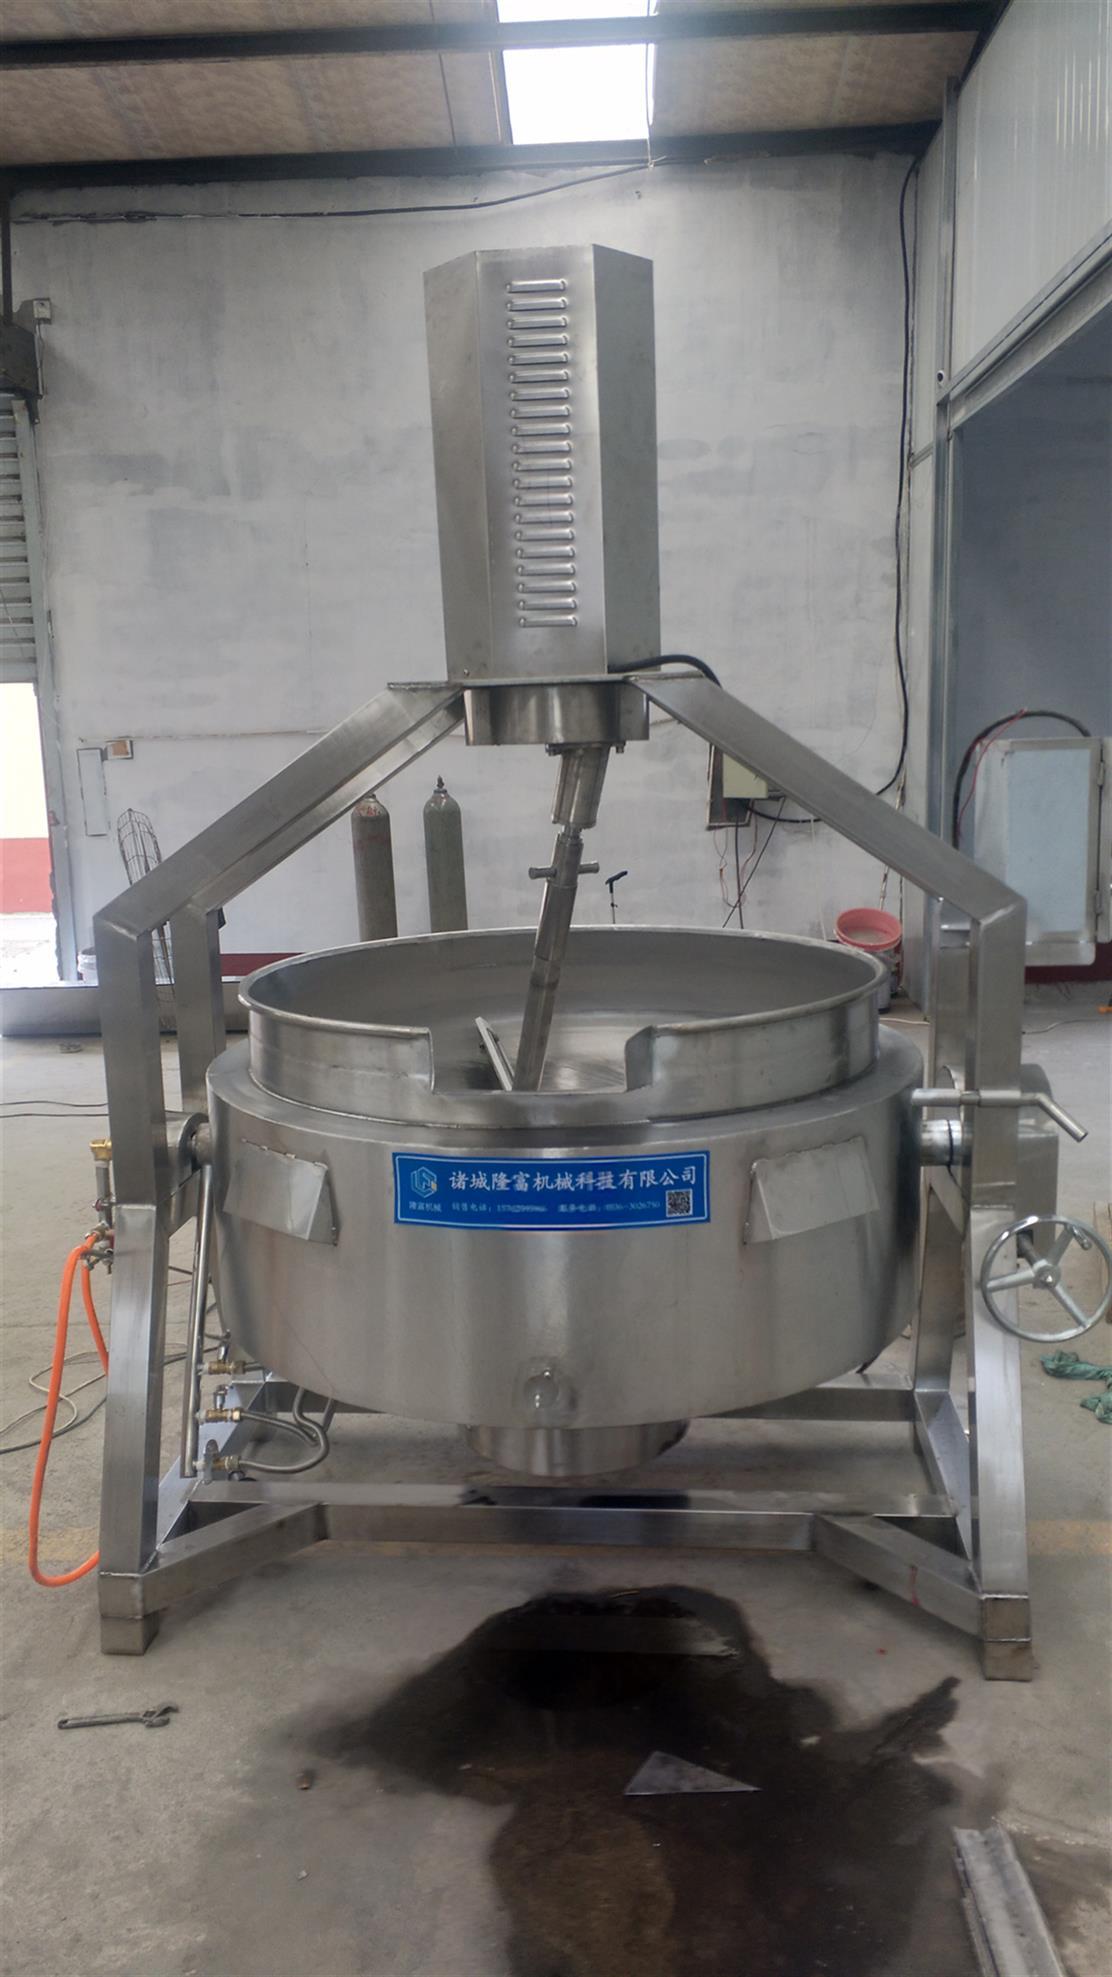 秦皇岛煮肉夹层锅